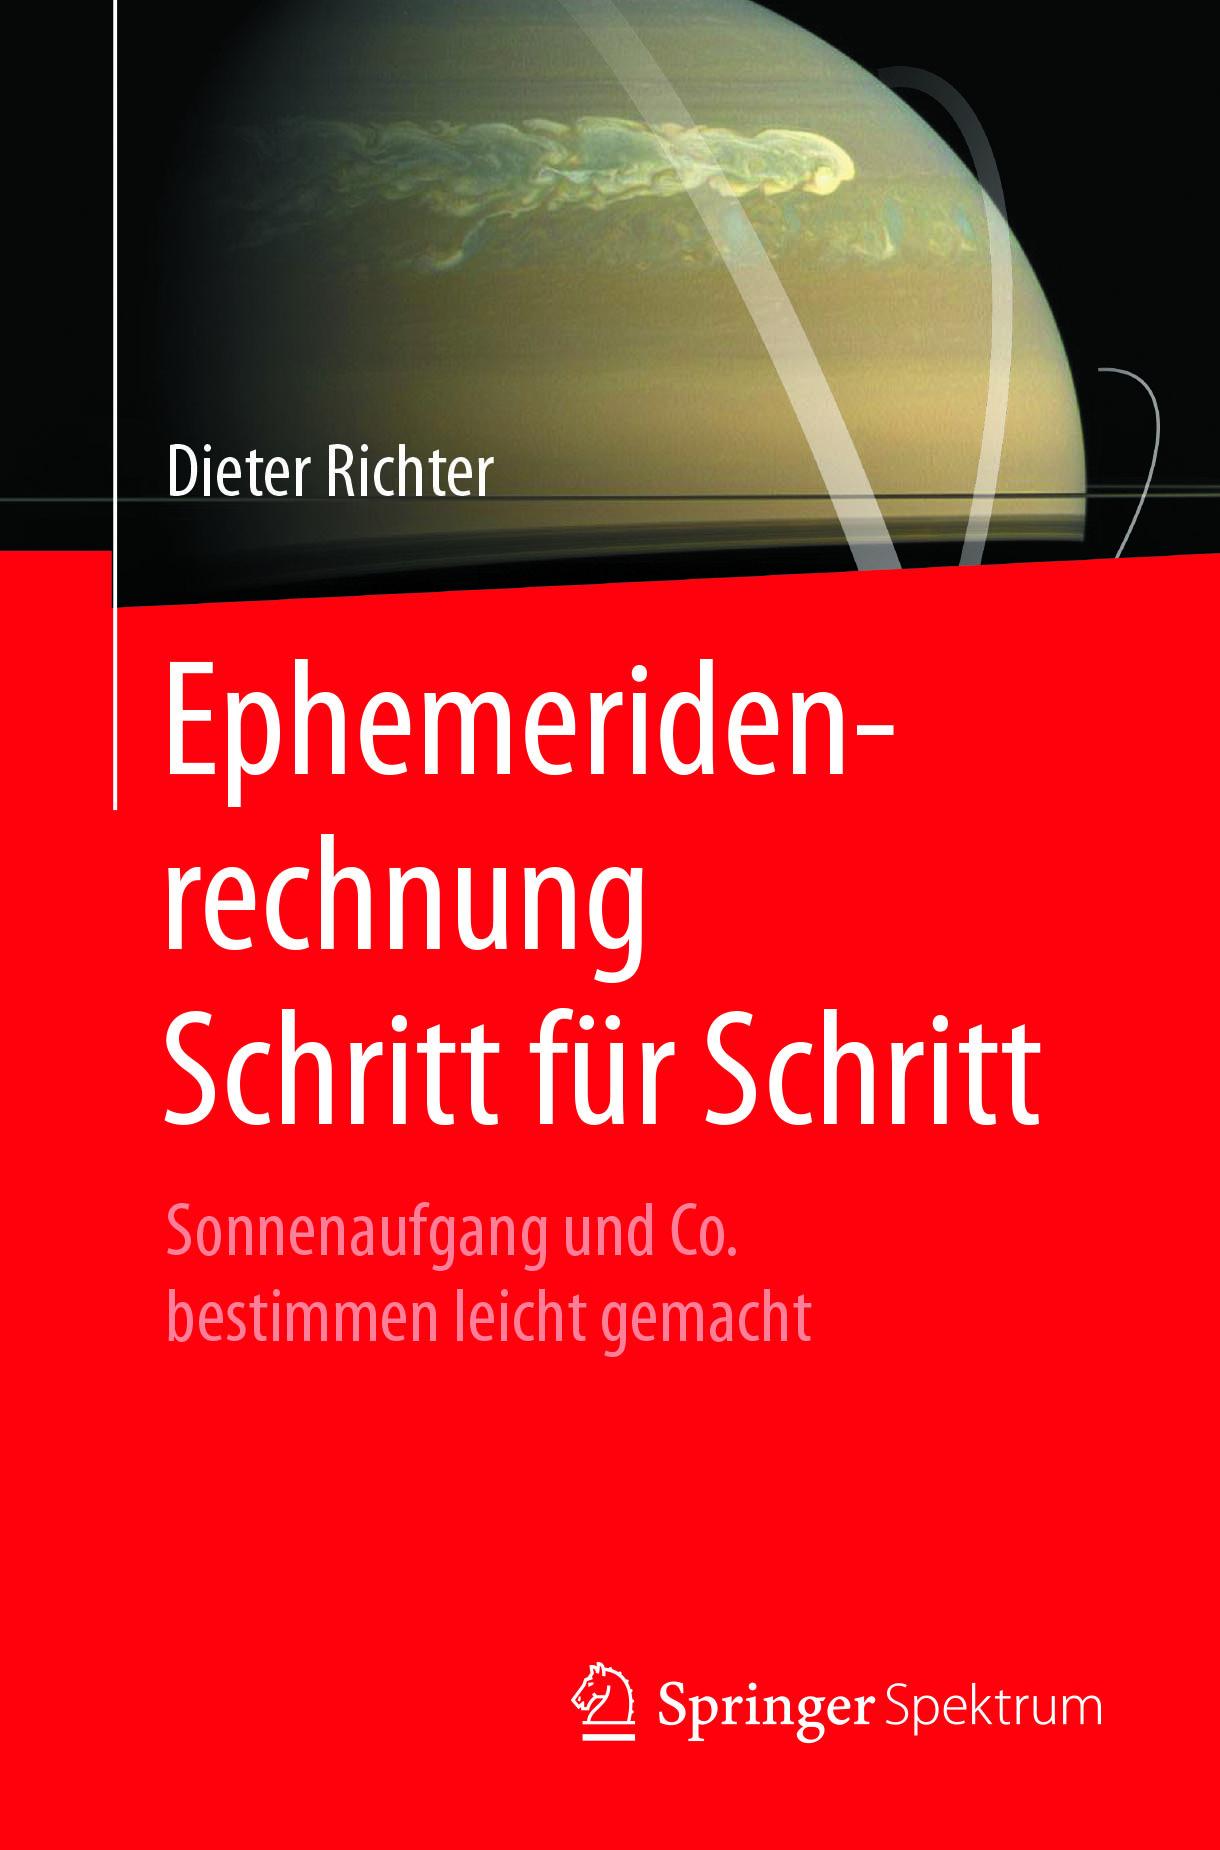 Richter, Dieter - Ephemeridenrechnung Schritt für Schritt, ebook